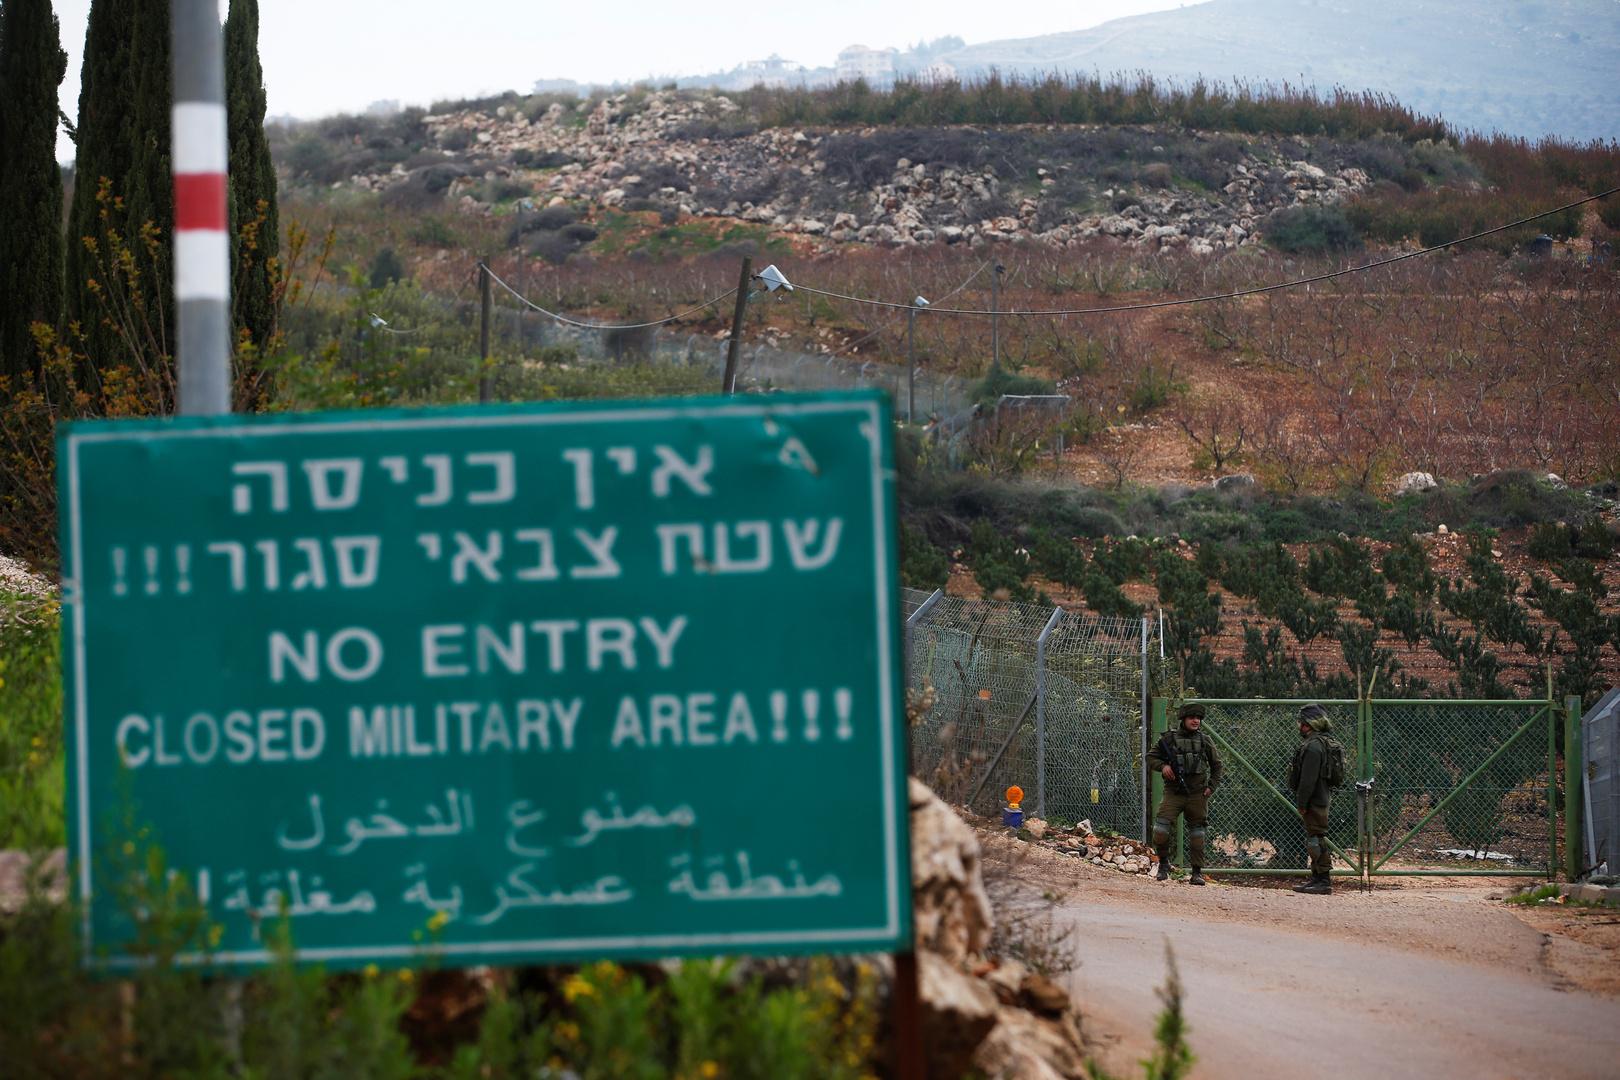 الجيش الإسرائيلي يطلق النار على راع لبناني بزعم أنه يجمع معلومات استخباراتية لصالح